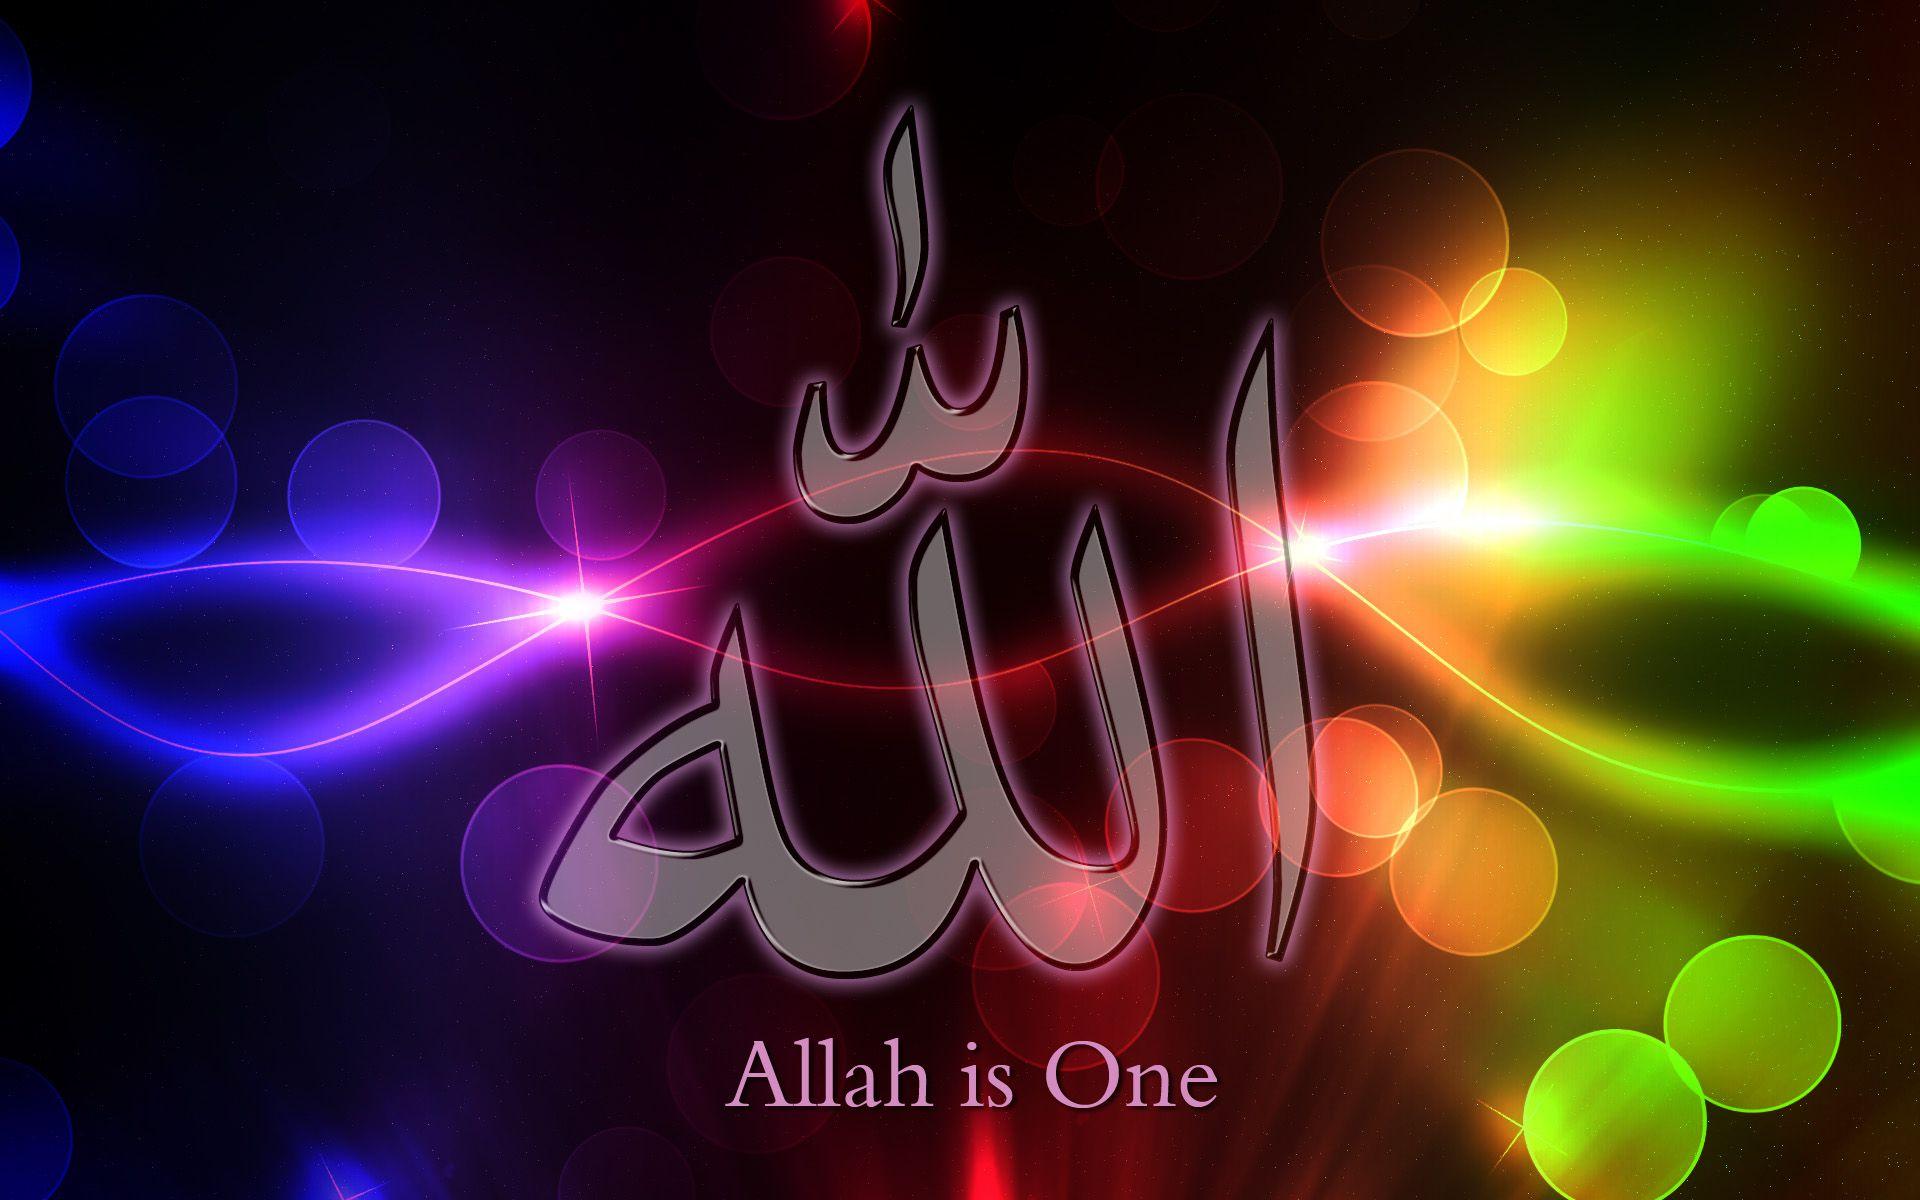 Allah Wallpaper 3d Allah Wallpaper Allah Names Allah